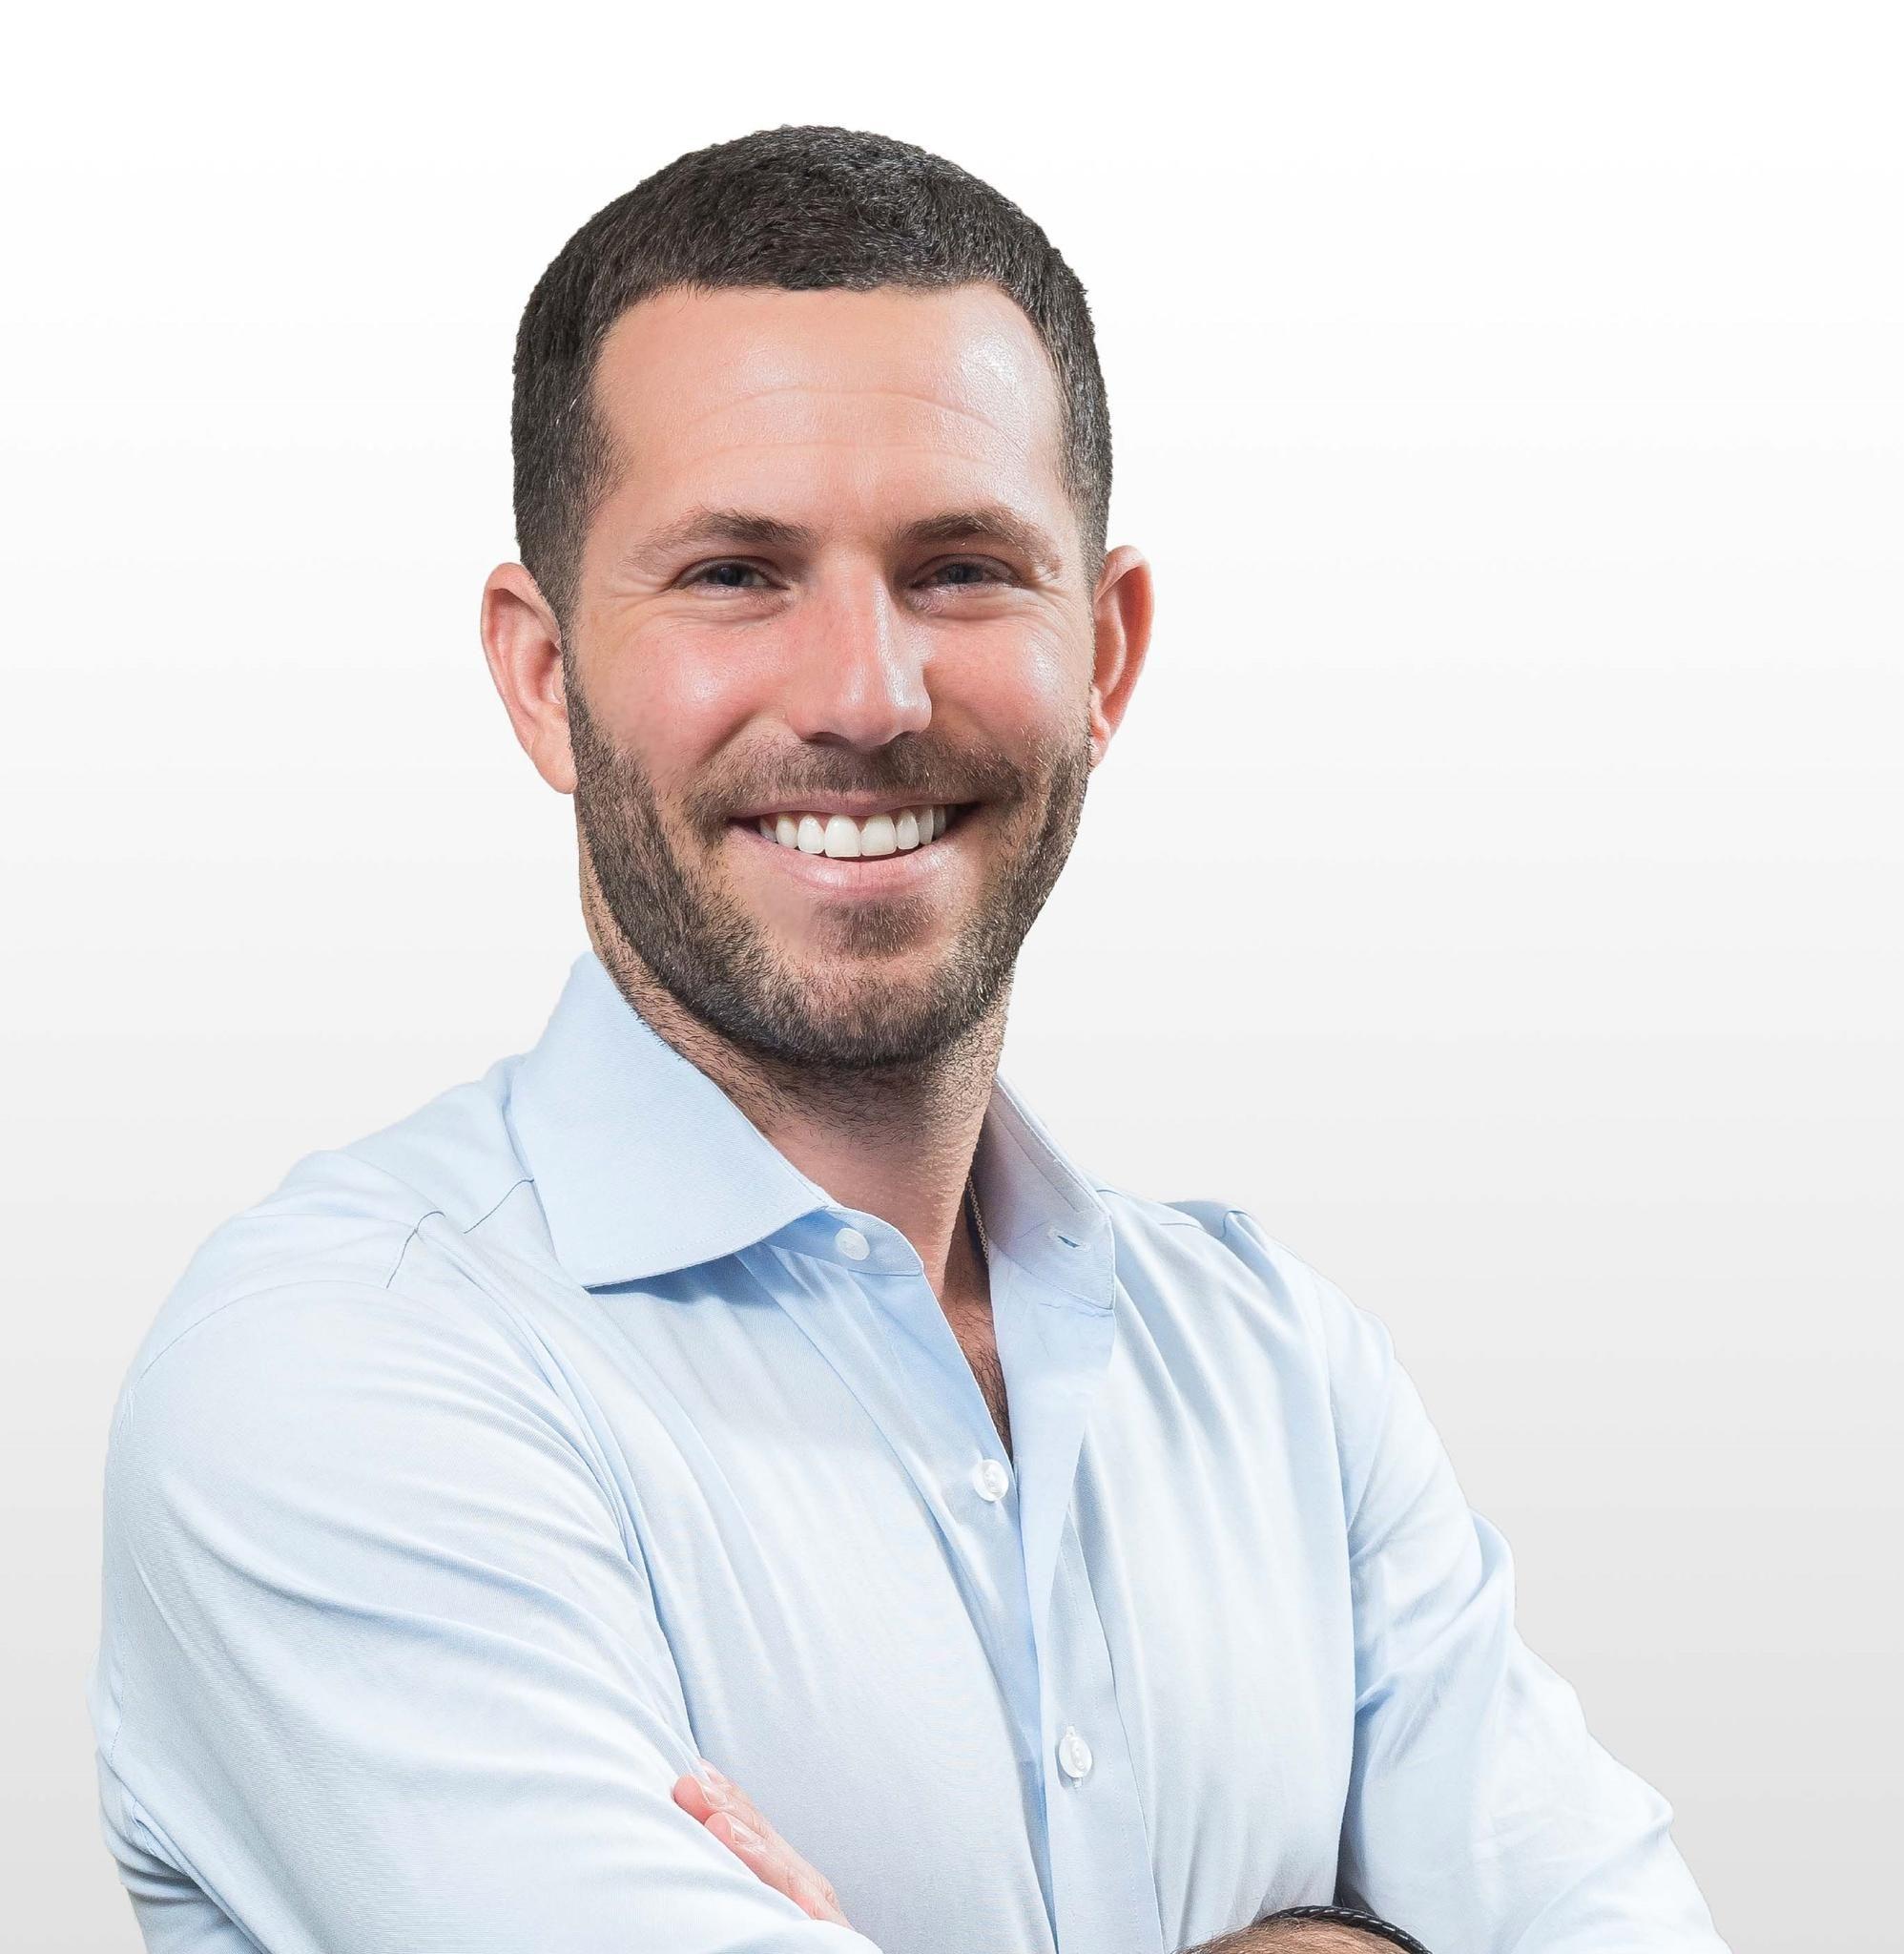 Ryan Shear